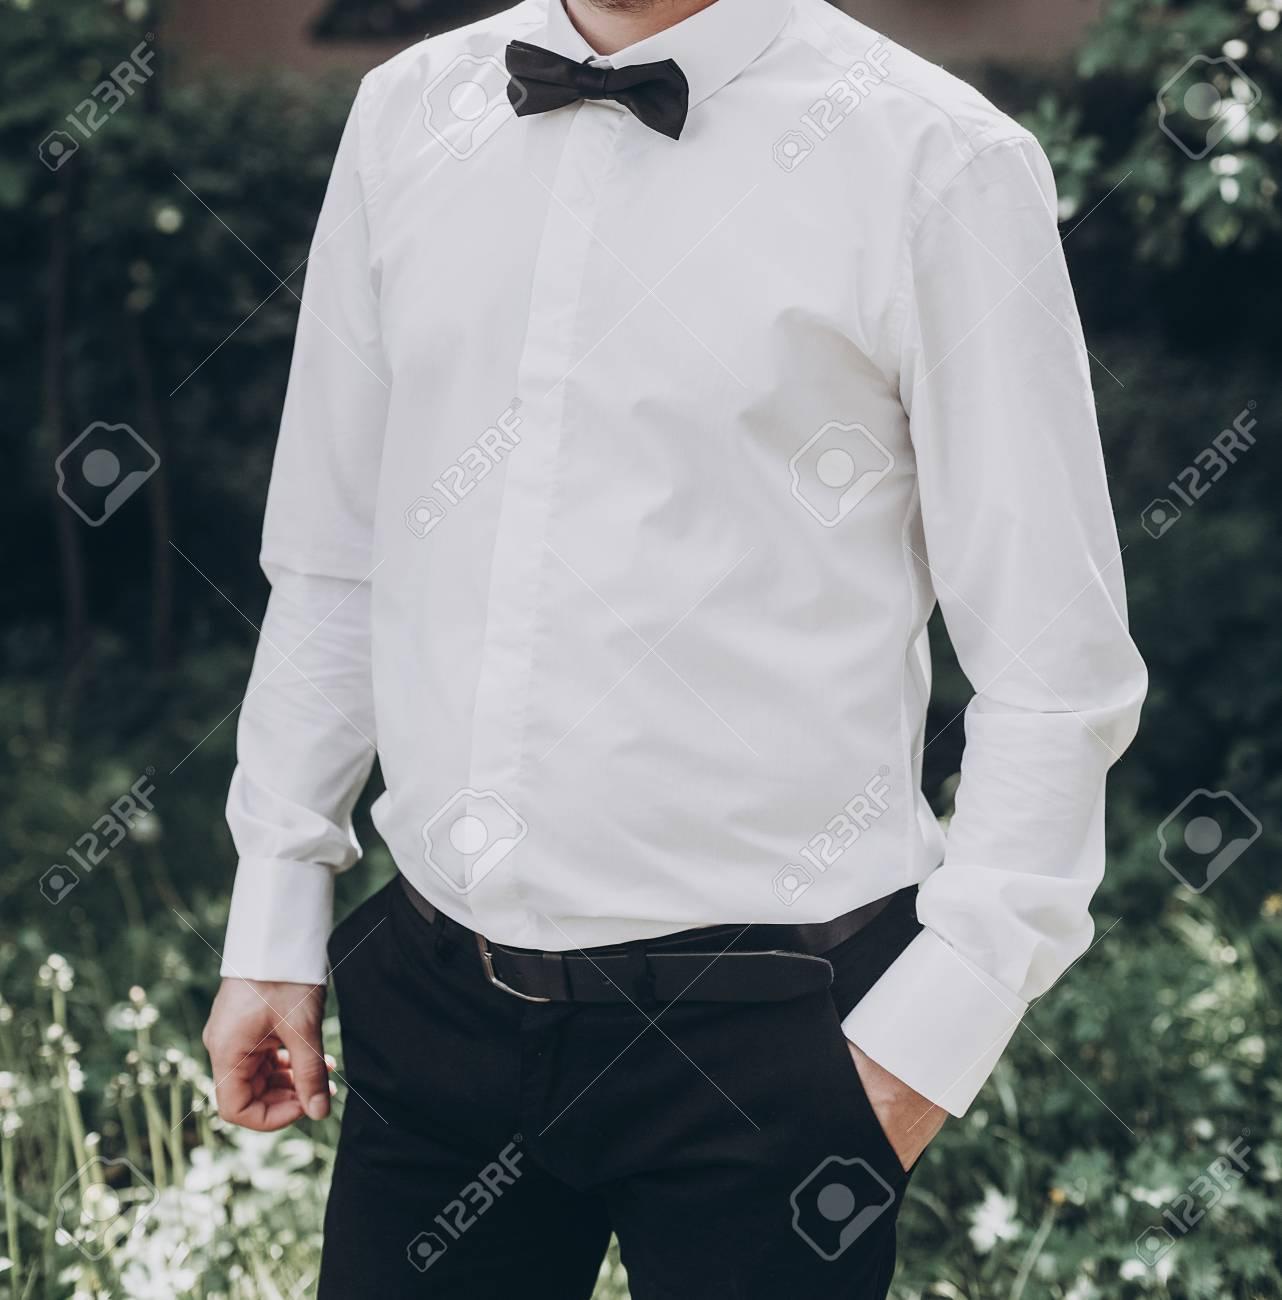 bien connu moins cher design exquis Marié élégant en chemise blanche avec noeud papillon noir. marié de mariage  posant dans le jardin ensoleillé, photo de mariage d'art, moment ...